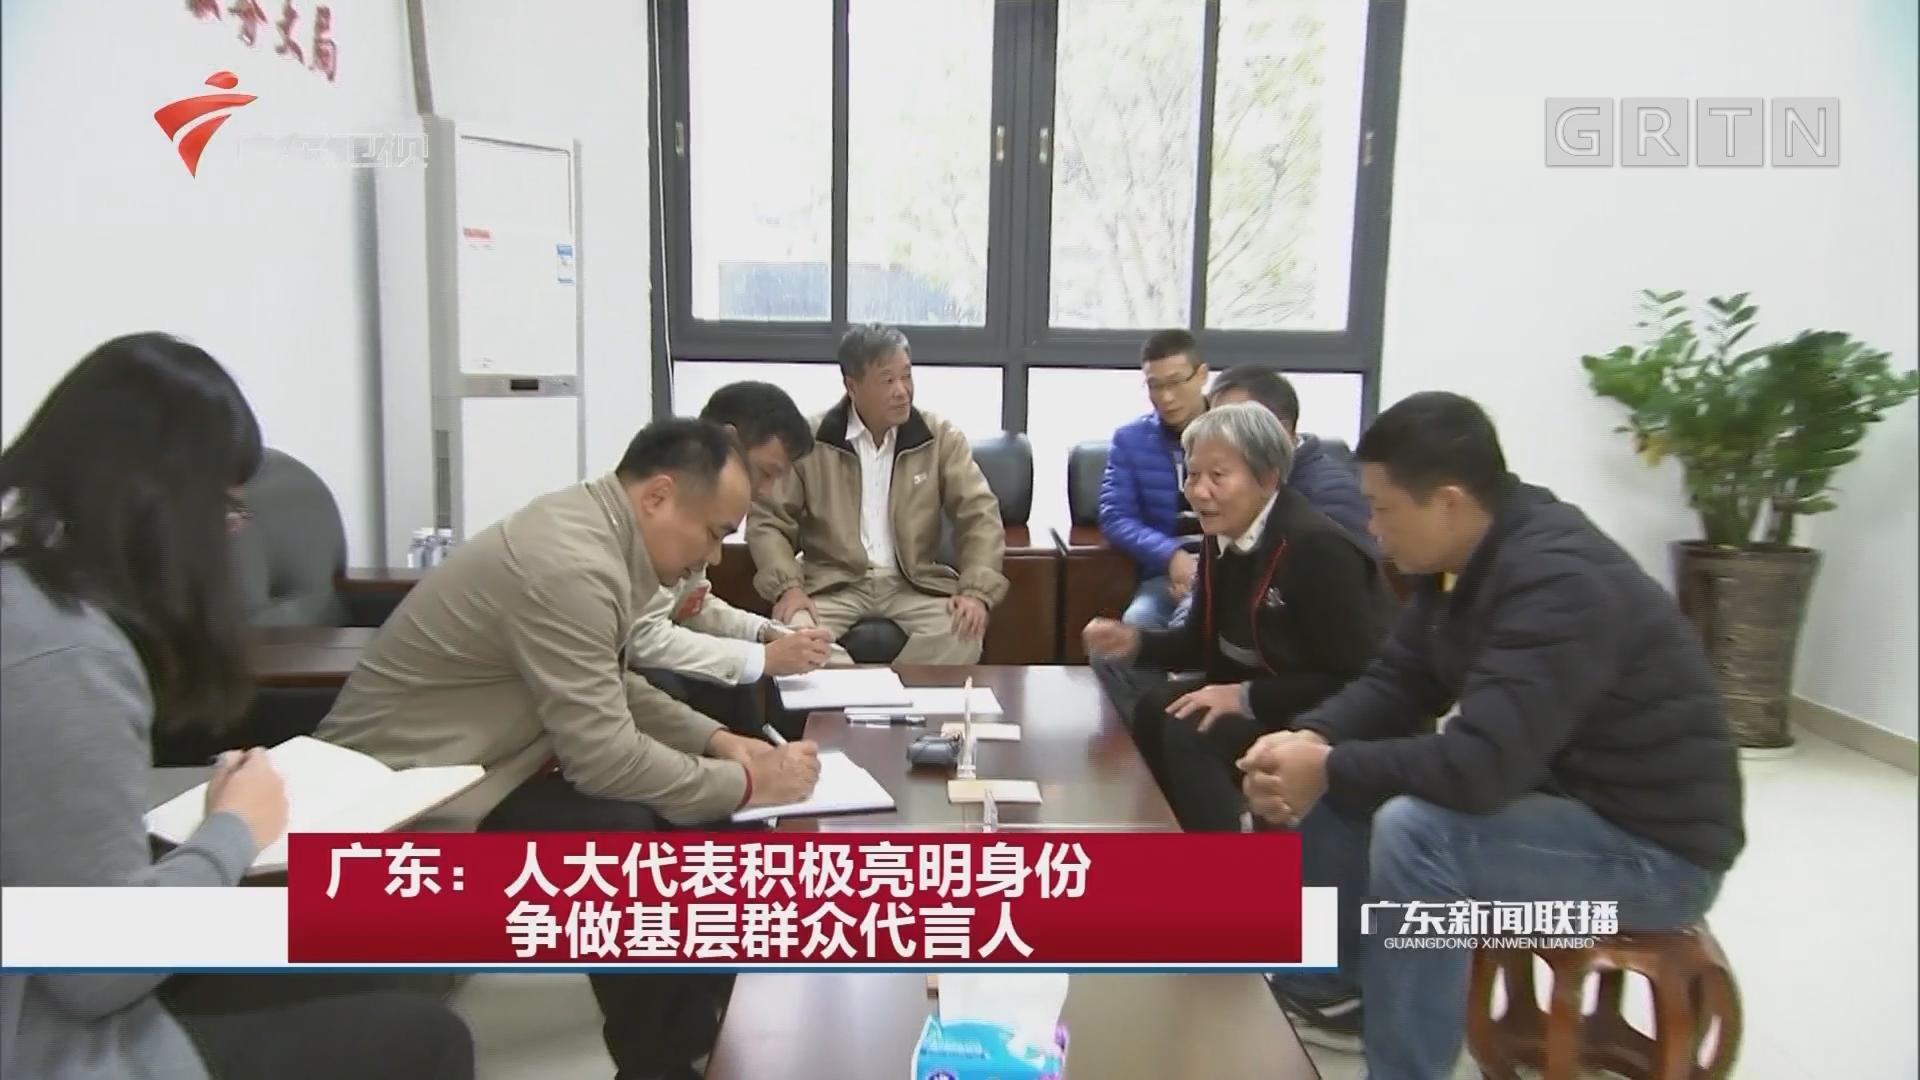 广东:人大代表积极亮明身份 争做基层群众代言人